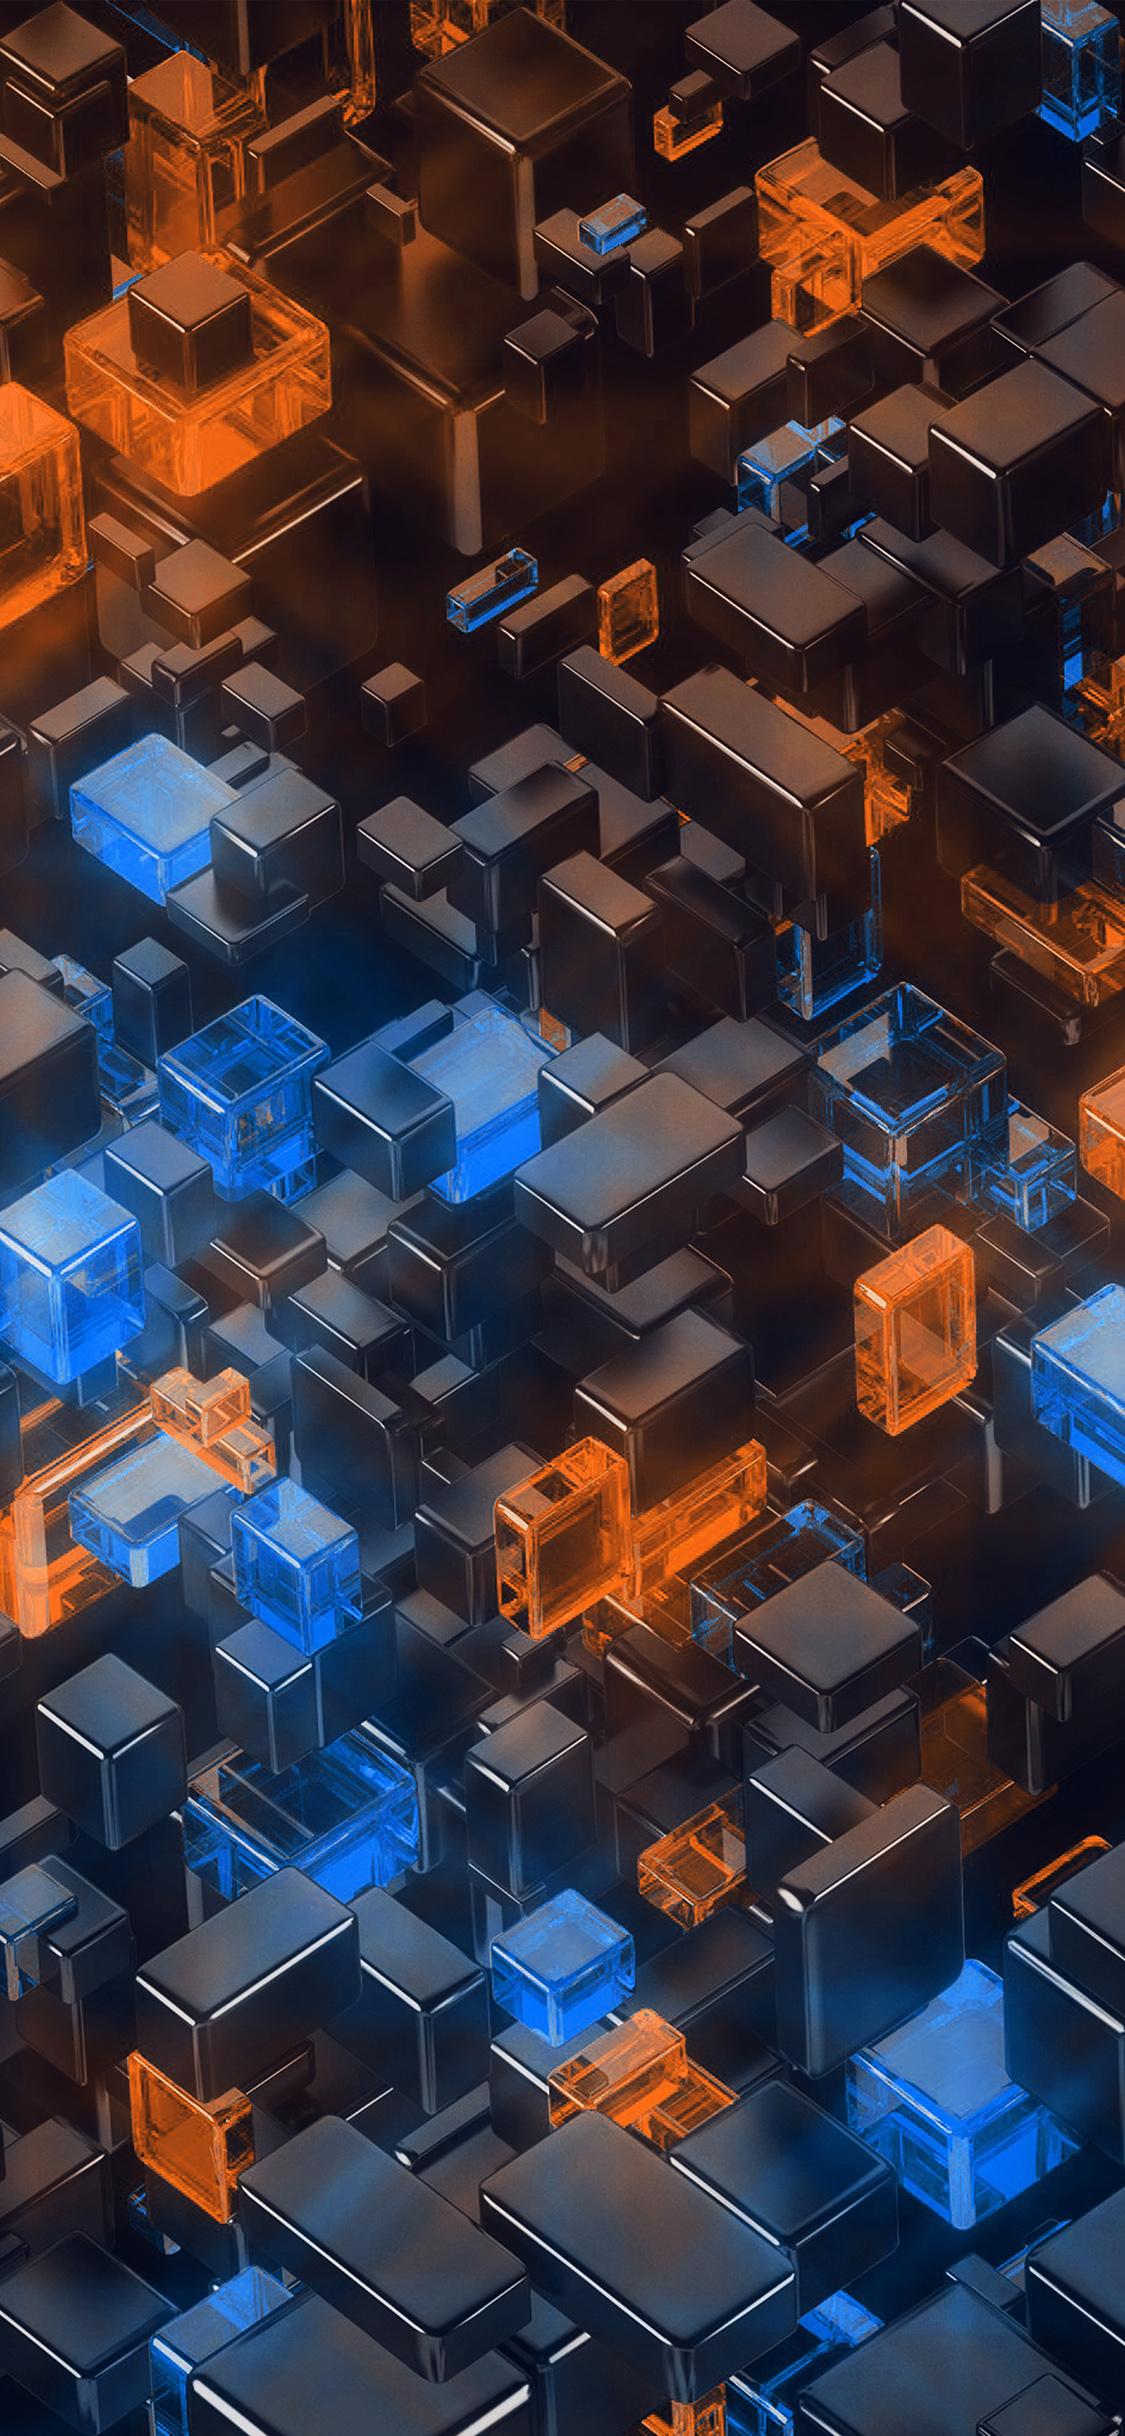 iPhoneXpapers.com  iPhone X wallpaper  vp41-digital-art-blue